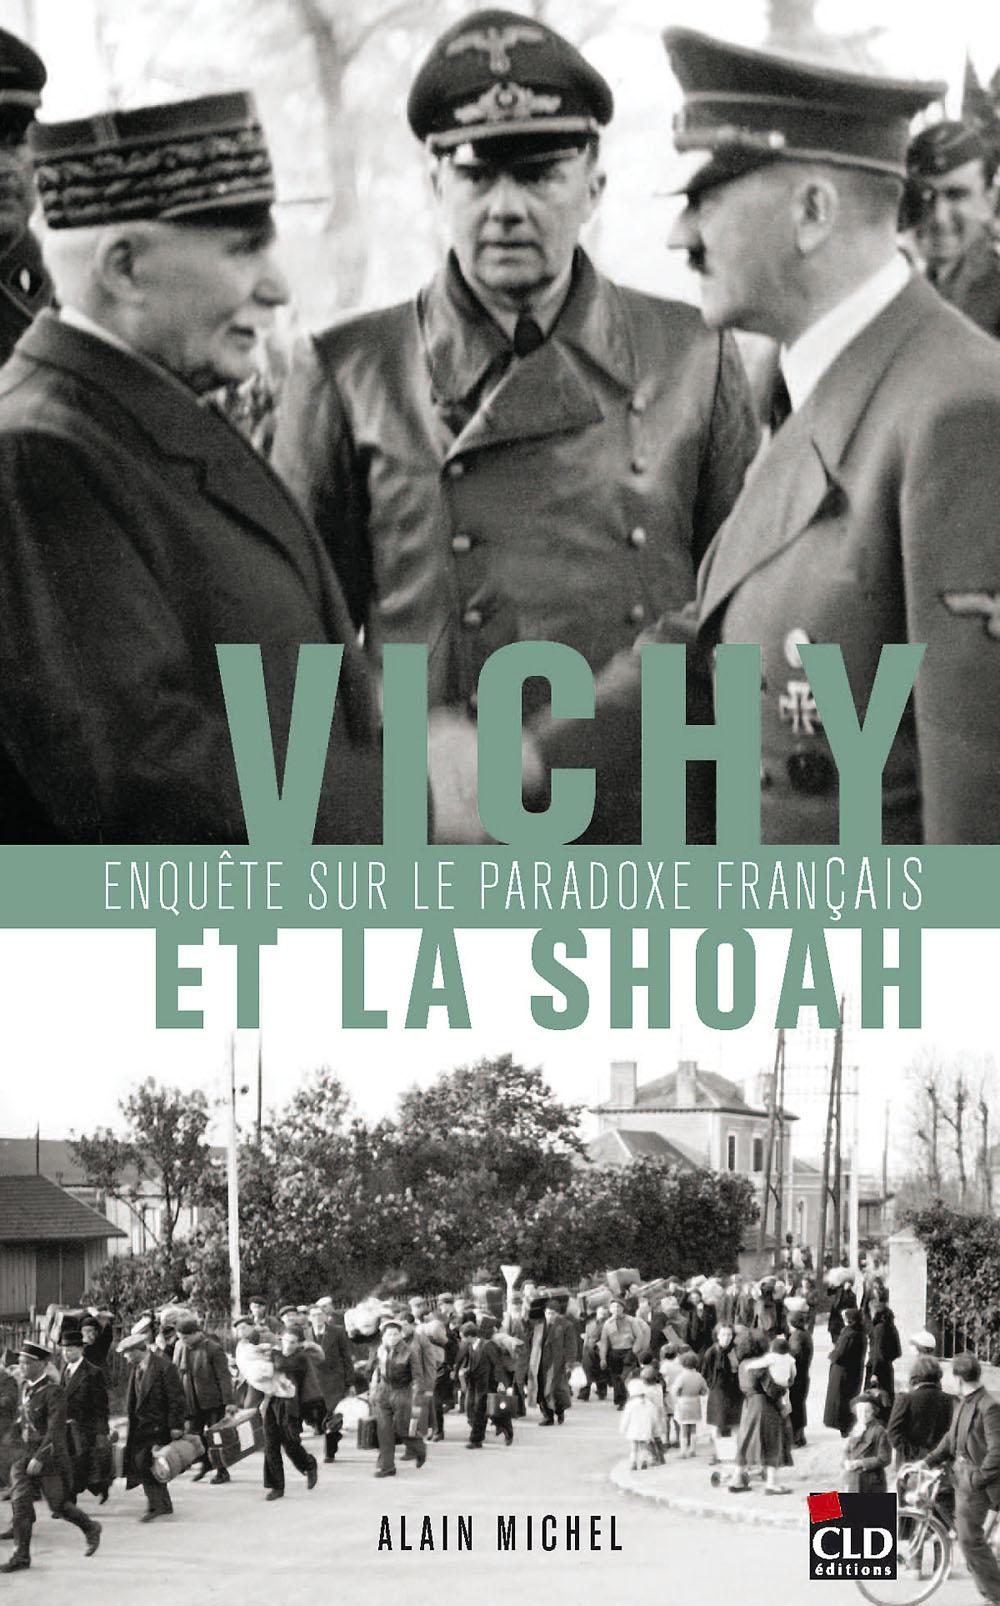 https://i0.wp.com/prisons-cherche-midi-mauzac.com/wp-content/uploads/2012/03/vichy-et-la-shoah-le-paradoxe-francais.jpg